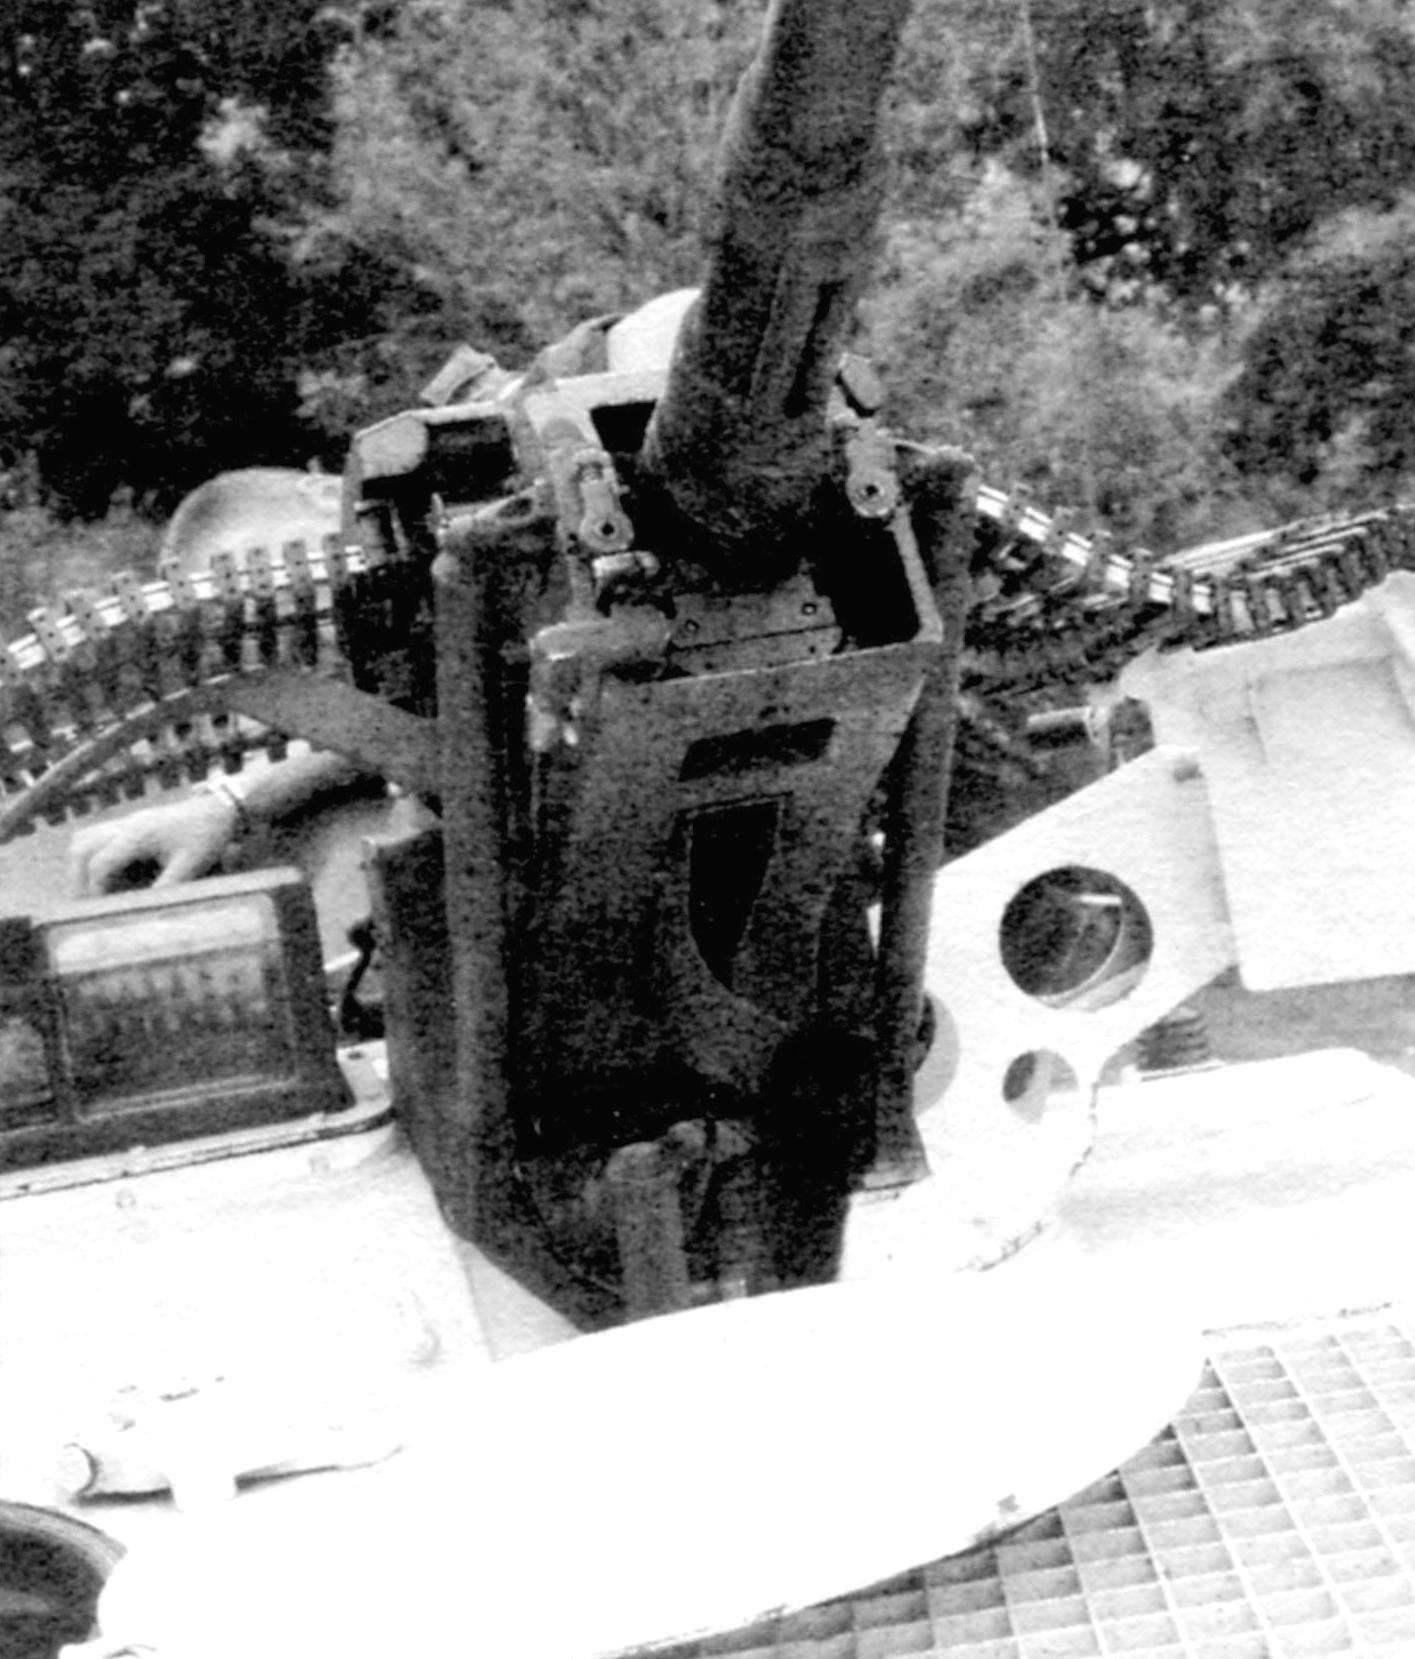 Выстрелы, готовые к стрельбе, были снаряжены в ленты, находившиеся в патронных коробках по обе стороны пушки: 60 бронебойных находились в левой коробке, ещё 100 осколочных - в правой. При открытии огня они по гибким рукавам подавались непосредственно в казённик